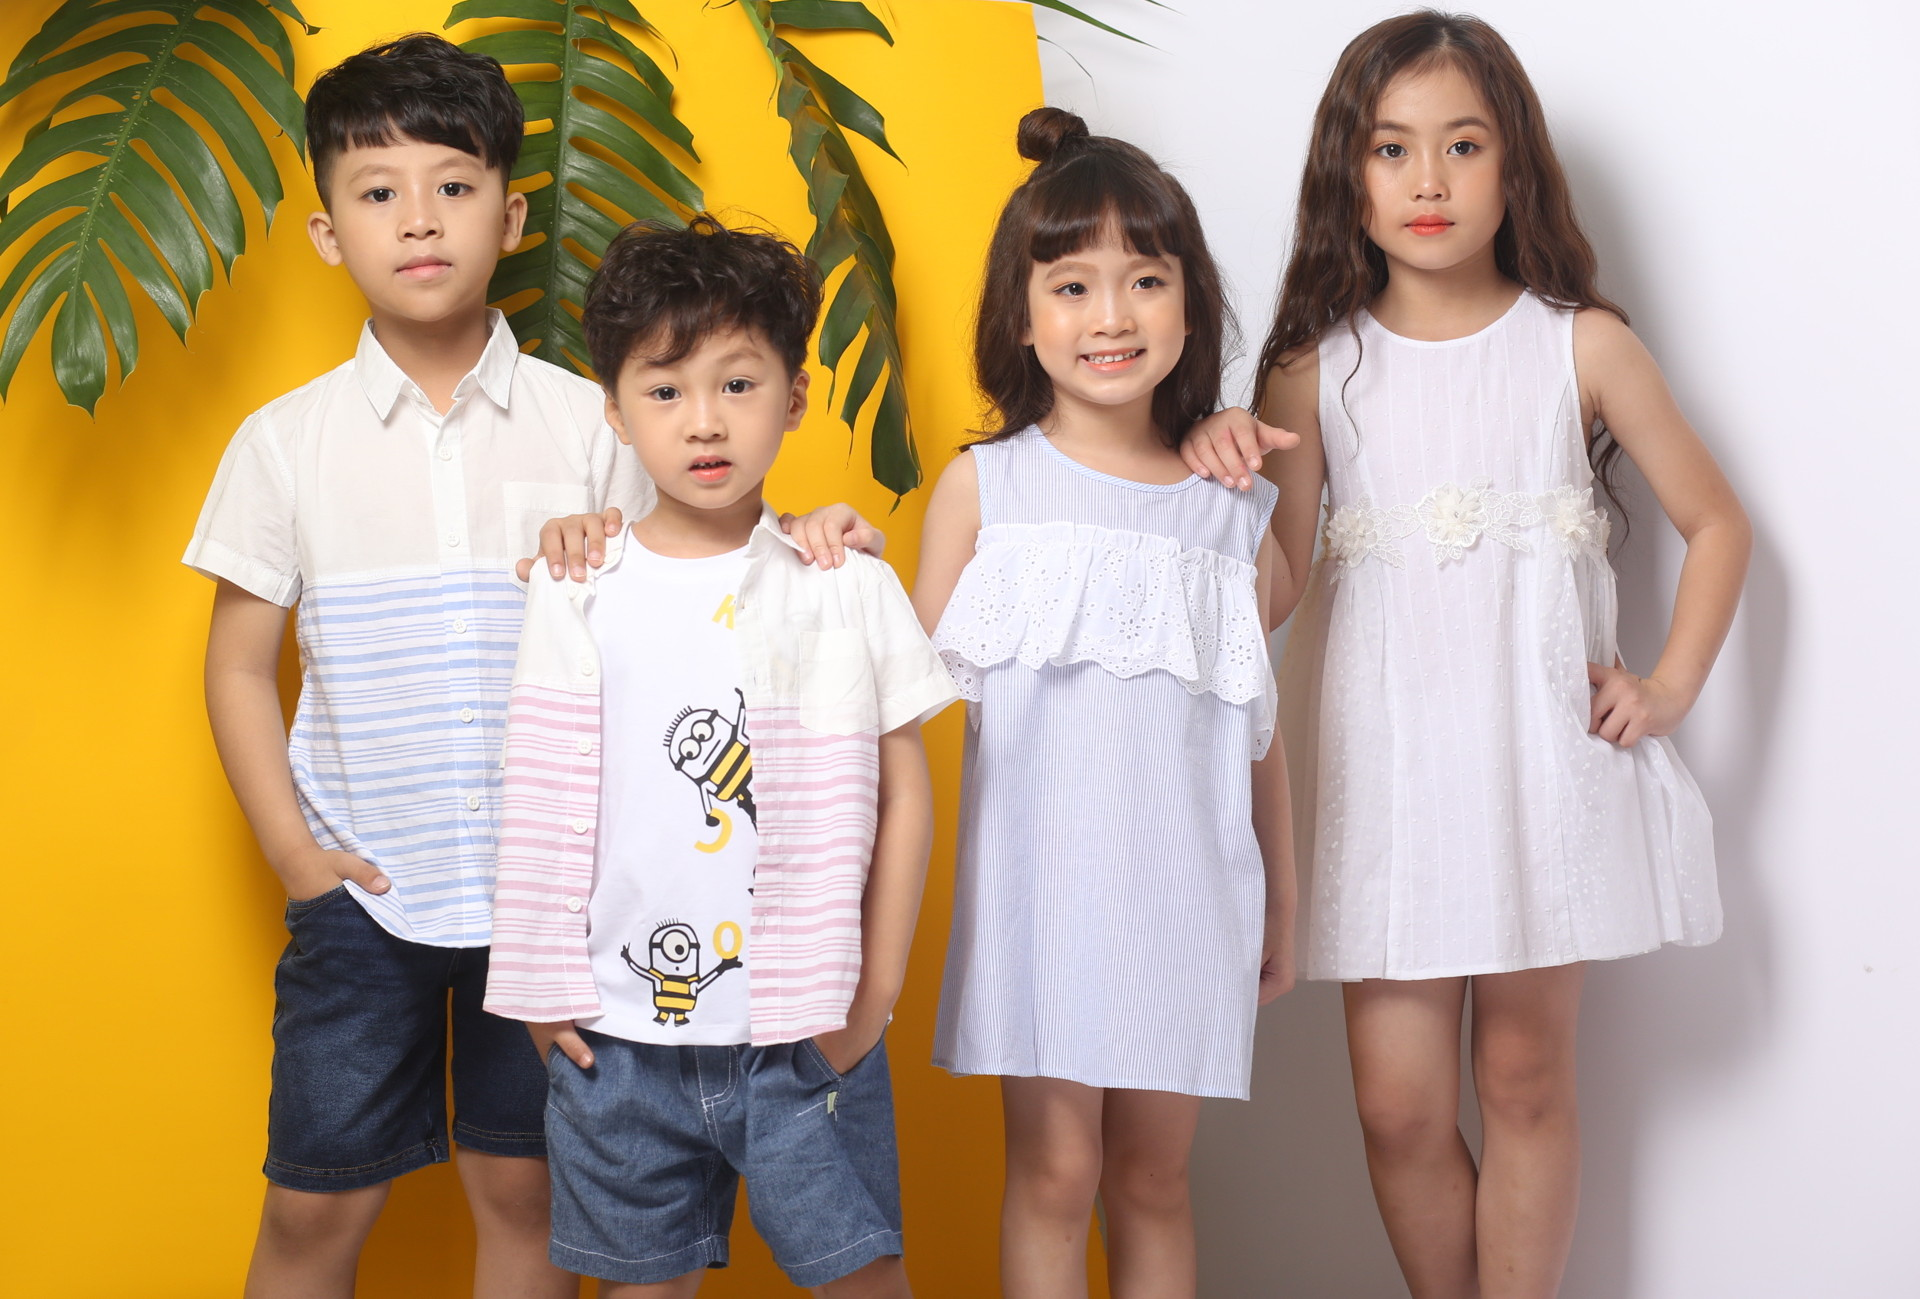 Mở shop quần áo trẻ em cần bao nhiêu vốn? Chi phí 100 triệu liệu có đủ?